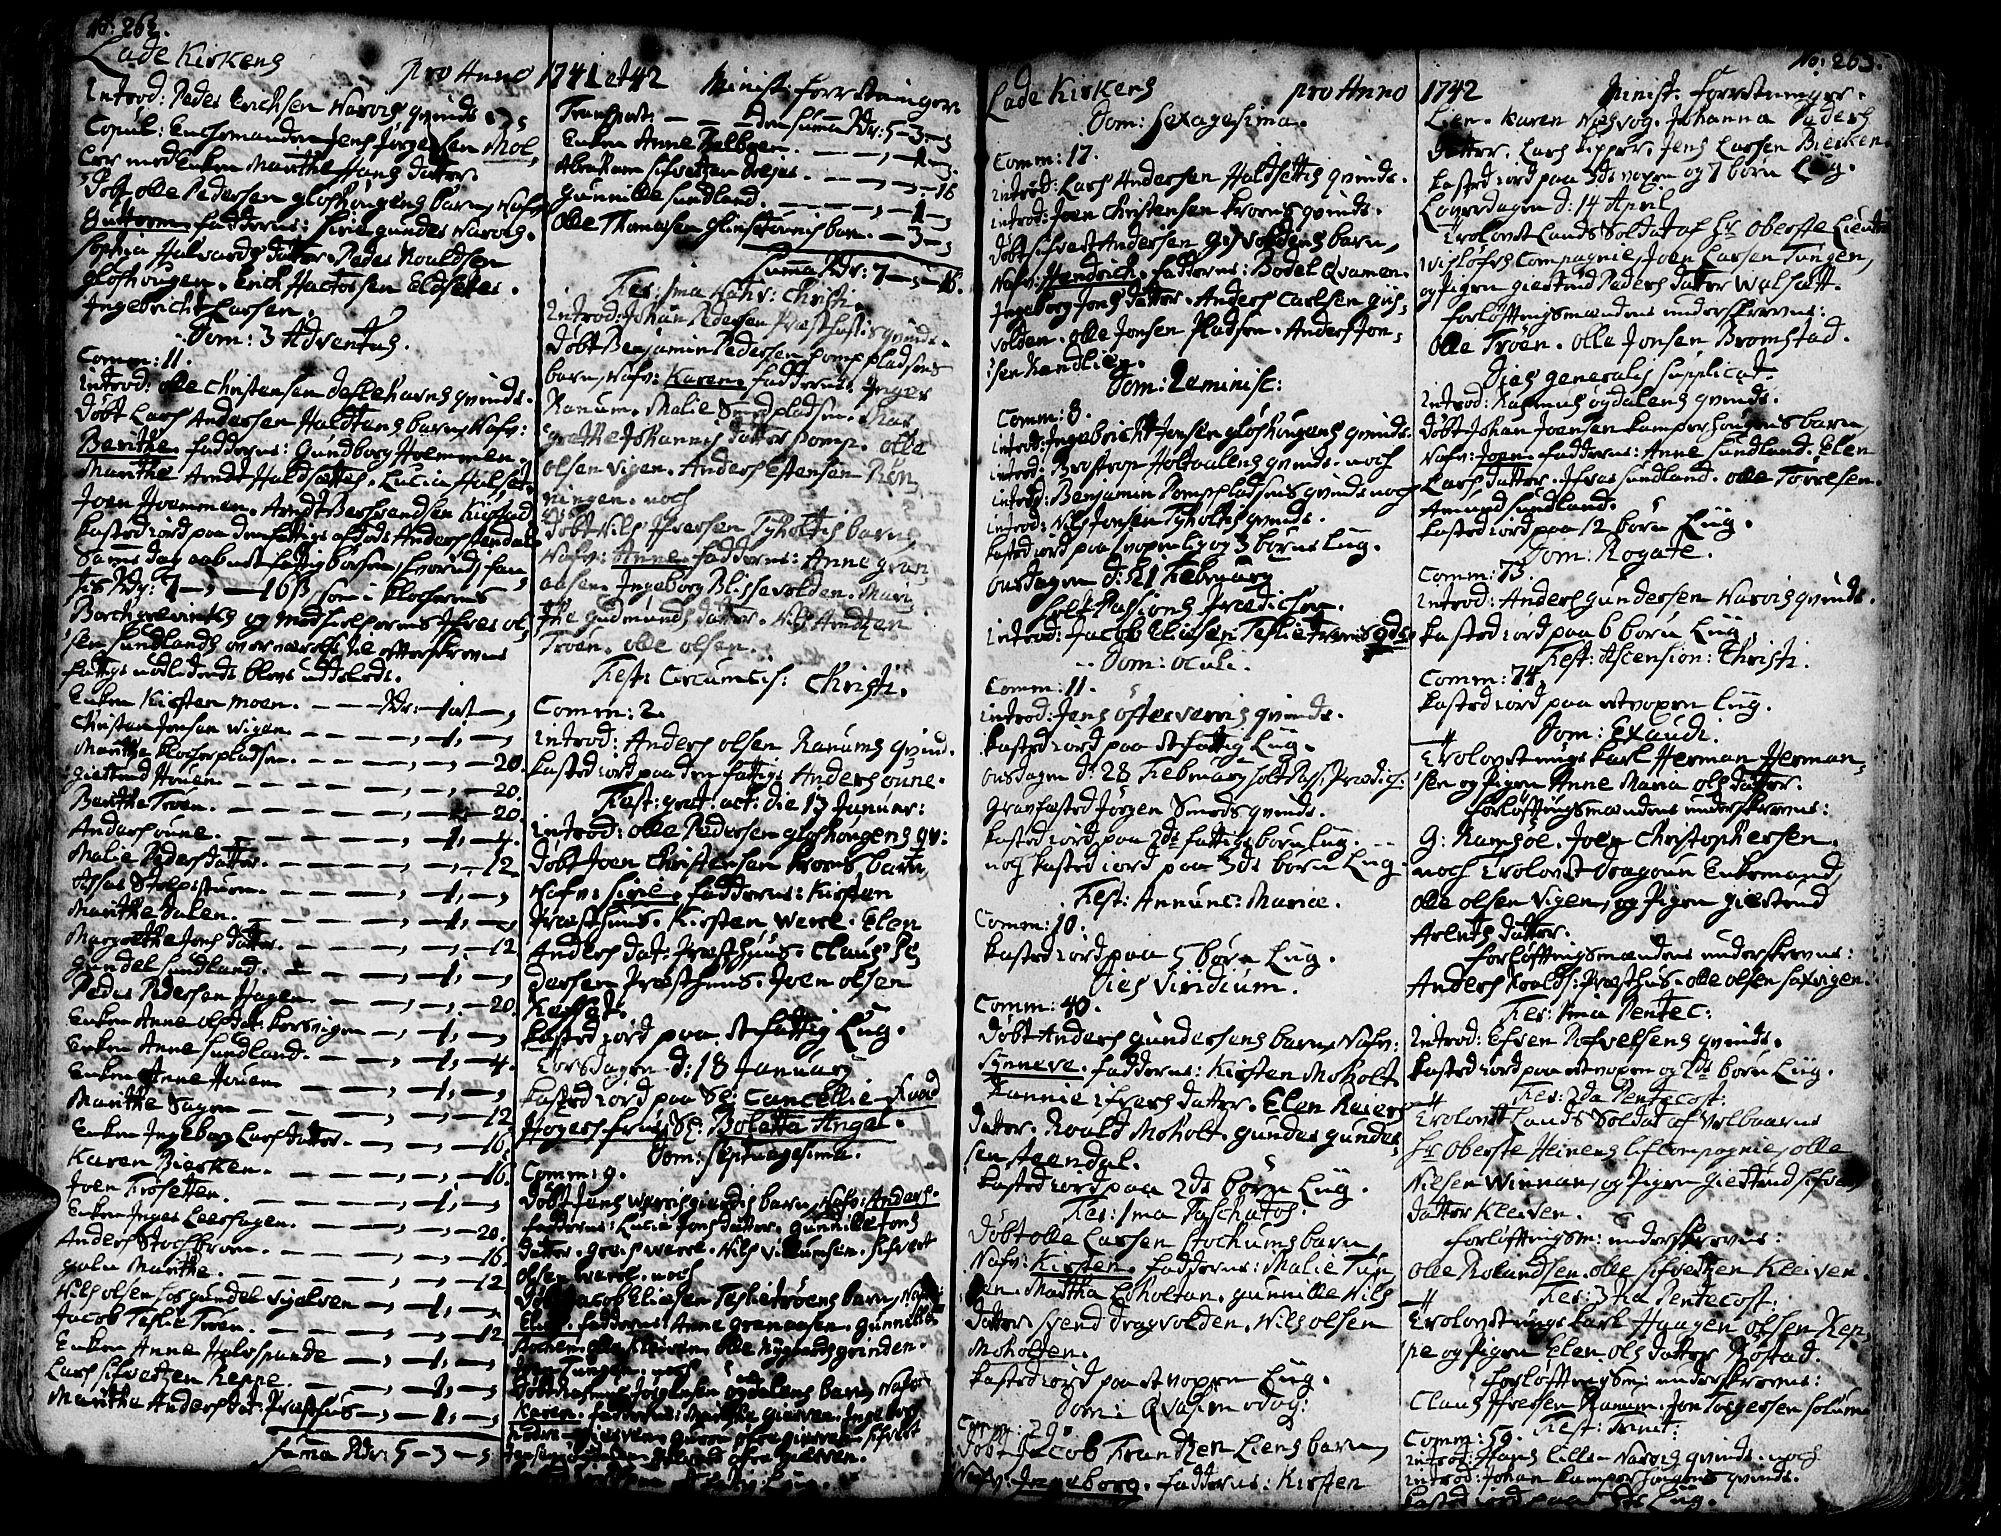 SAT, Ministerialprotokoller, klokkerbøker og fødselsregistre - Sør-Trøndelag, 606/L0275: Ministerialbok nr. 606A01 /1, 1727-1780, s. 262-263